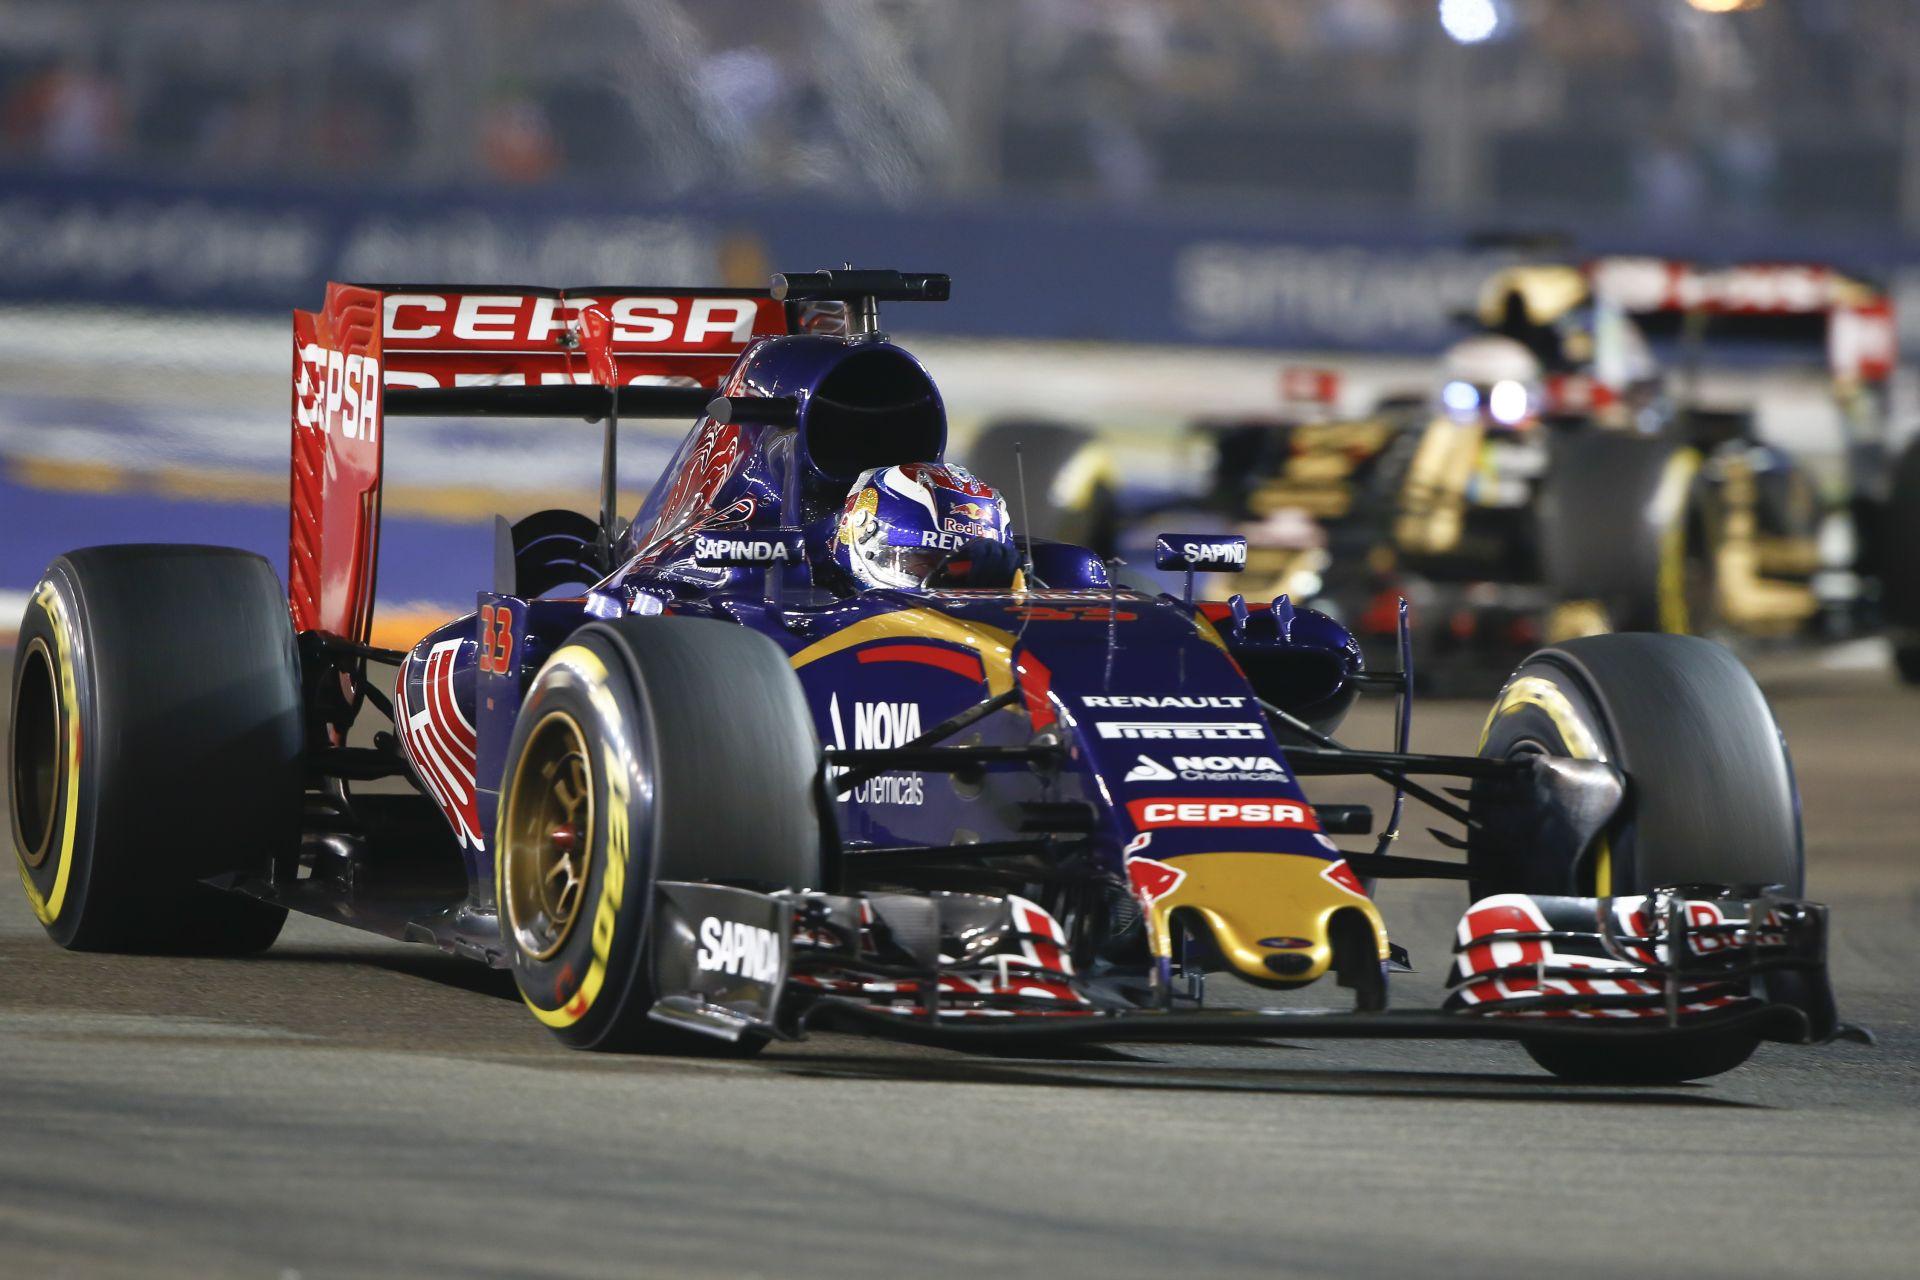 Verstappen újabb szenzációs előzése a Forma-1-ben, ezúttal Szingapúrban